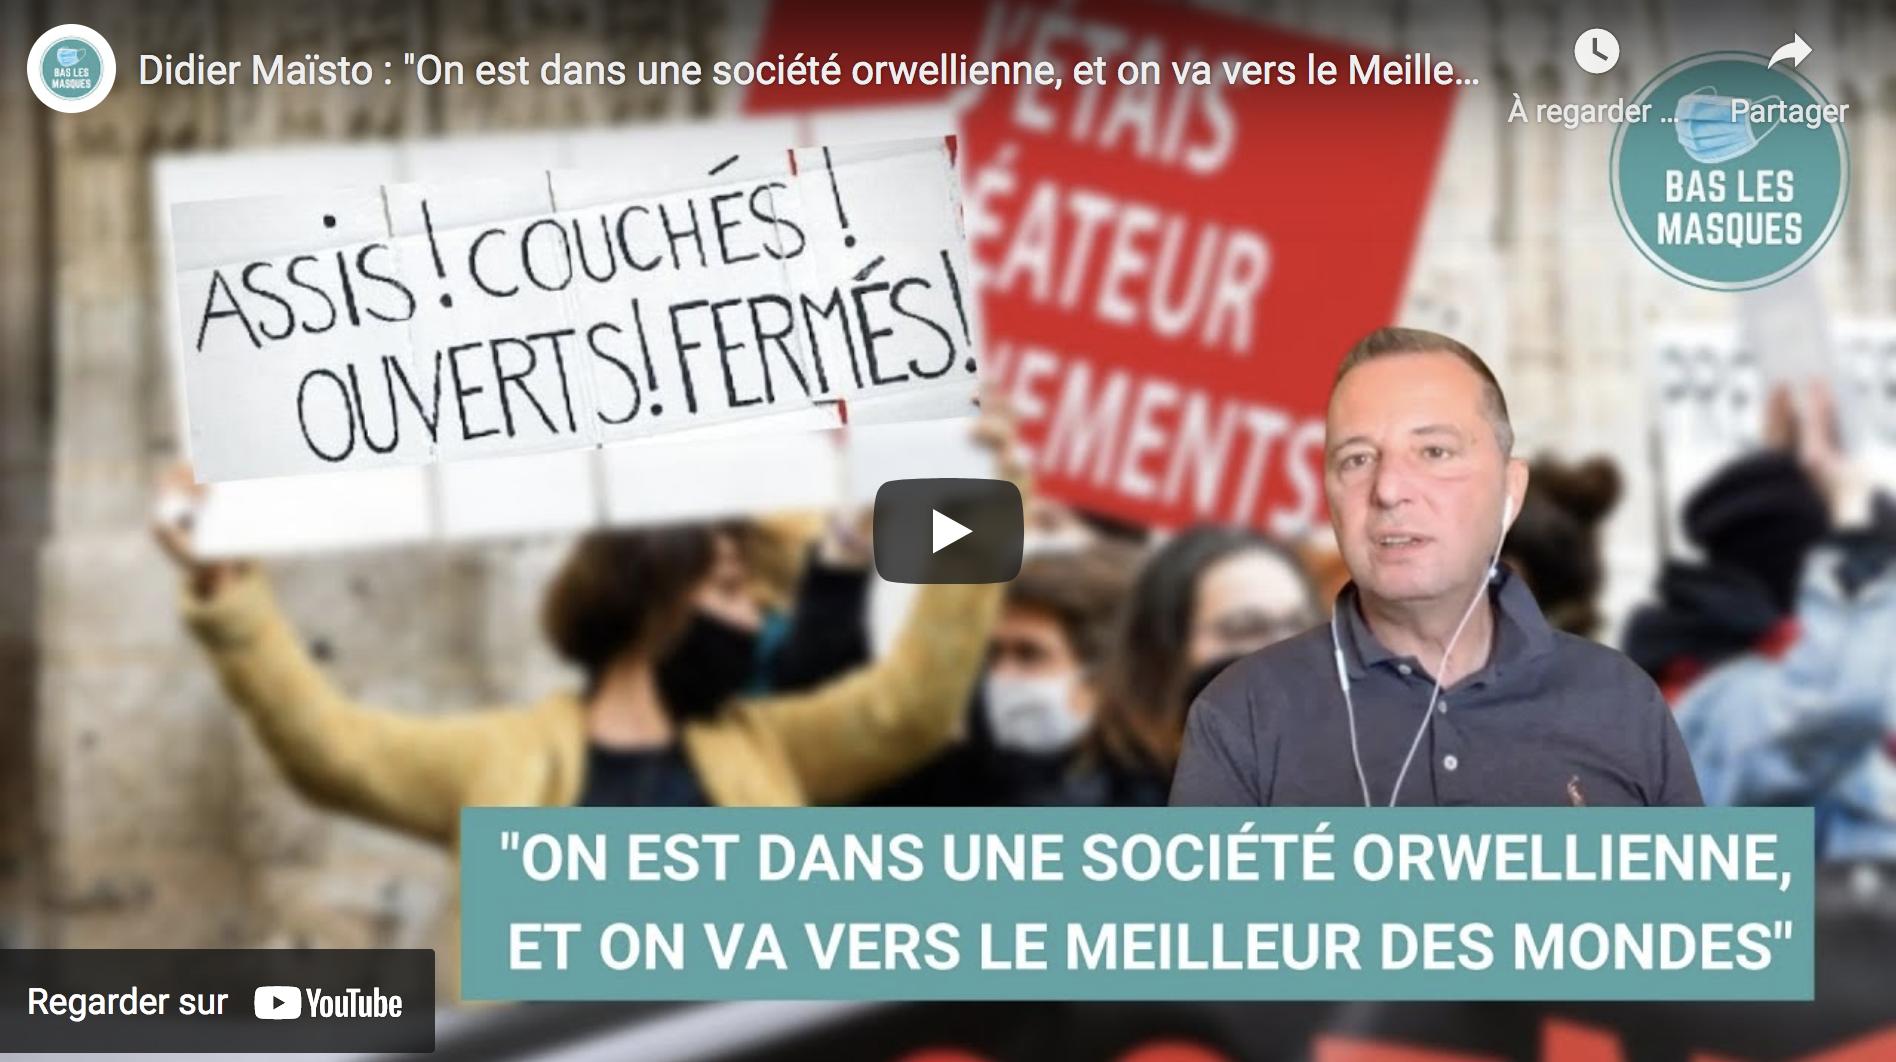 """Didier Maïsto : """"On est dans une société orwellienne, et on va vers 'Le Meilleur des mondes'"""" (VIDÉO)"""